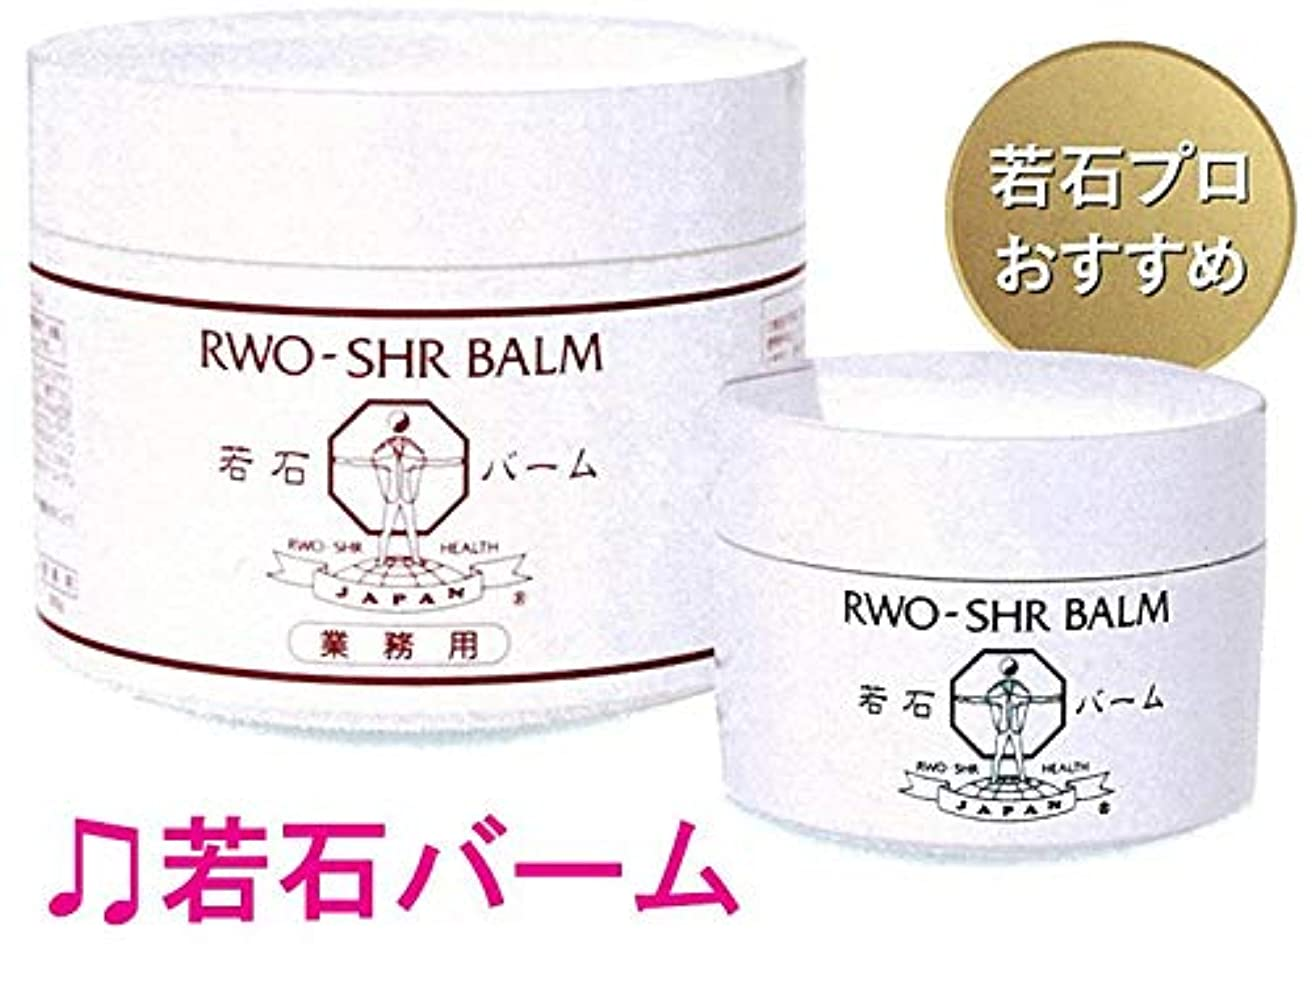 溶接汚染された太い若石バーム(250g) RWO-SHR BALM 国際若石健康研究会正規品